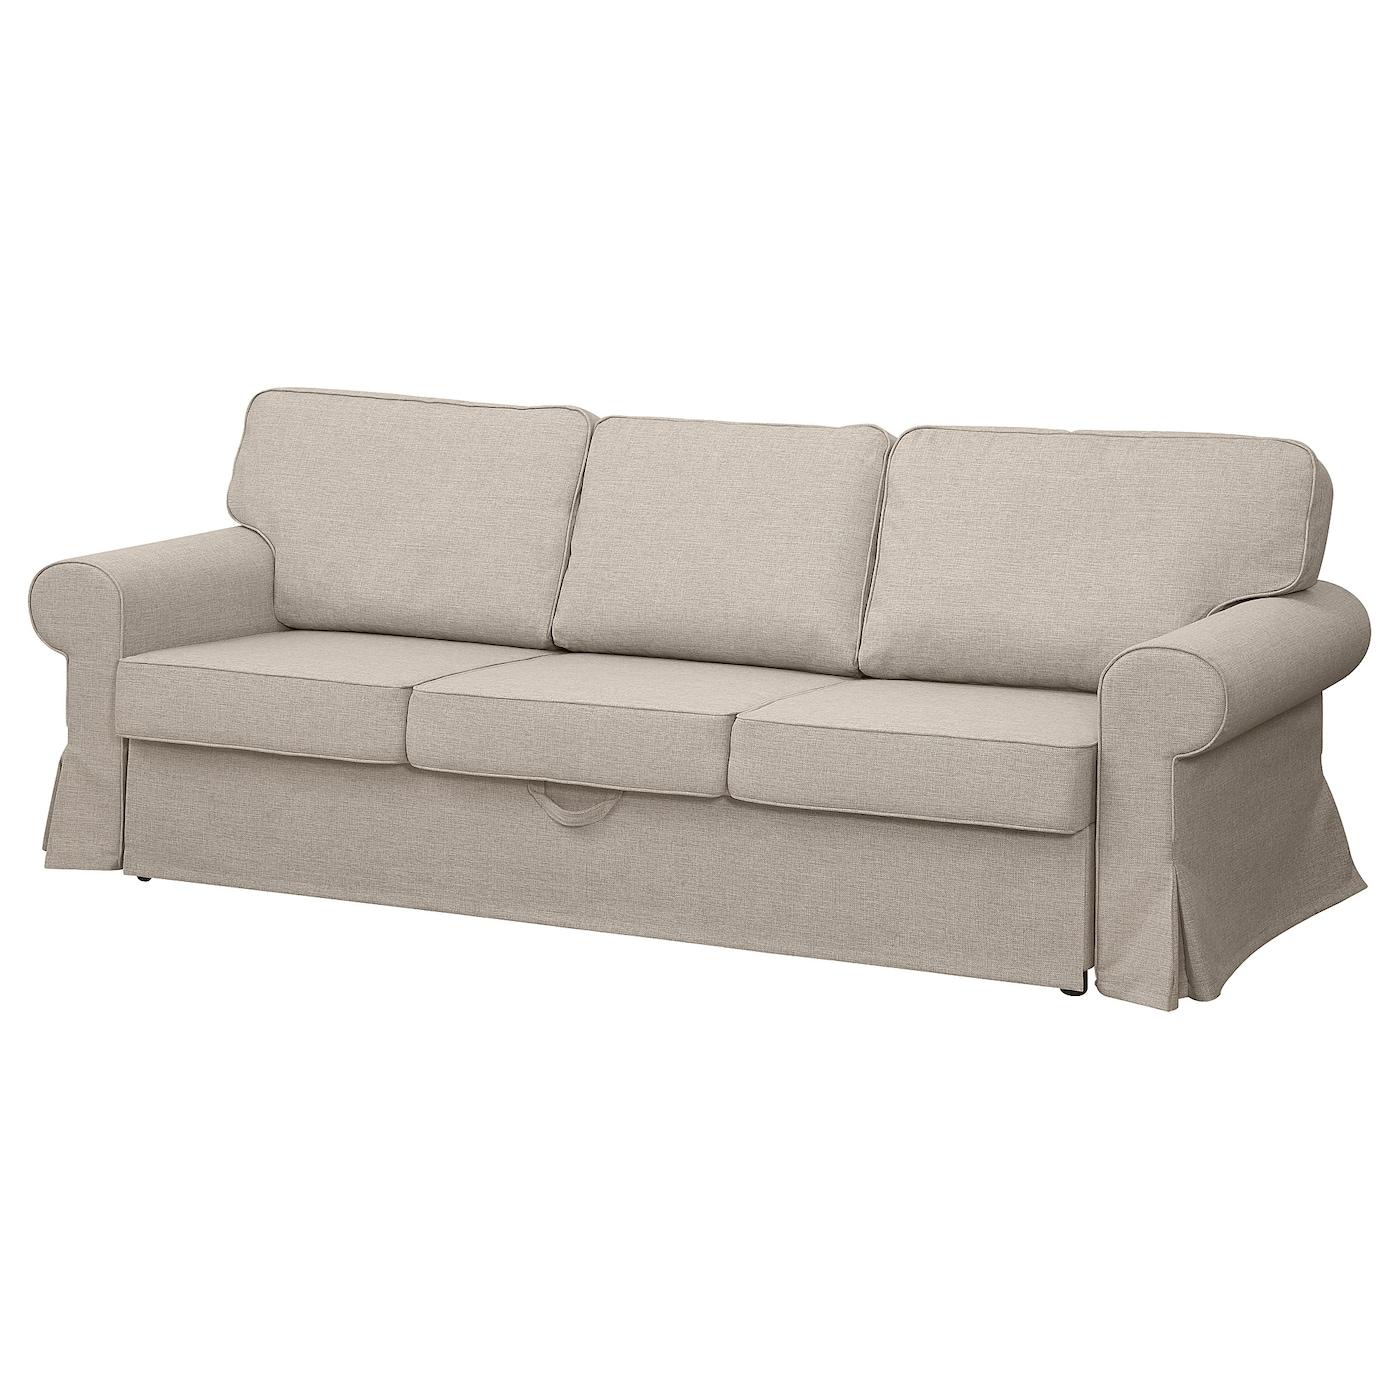 IKEA EVERTSBERG Rozkładana sofa 3-osobowa, z pojemnikiem beżowy